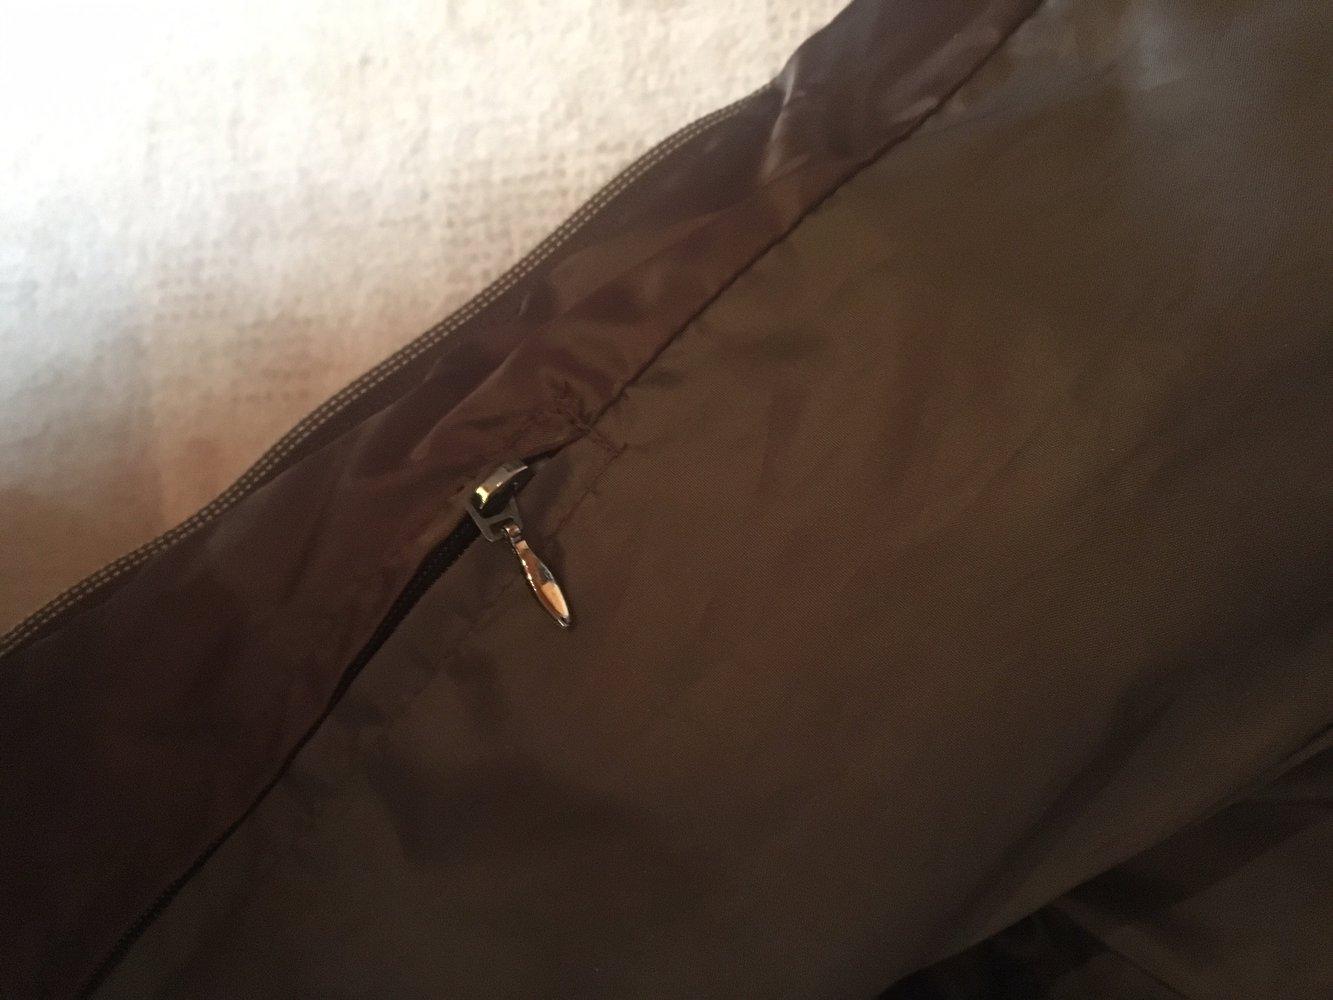 88da22be54ff Kuschelige braune Jacke mit Fellkragen    Kleiderkorb.de